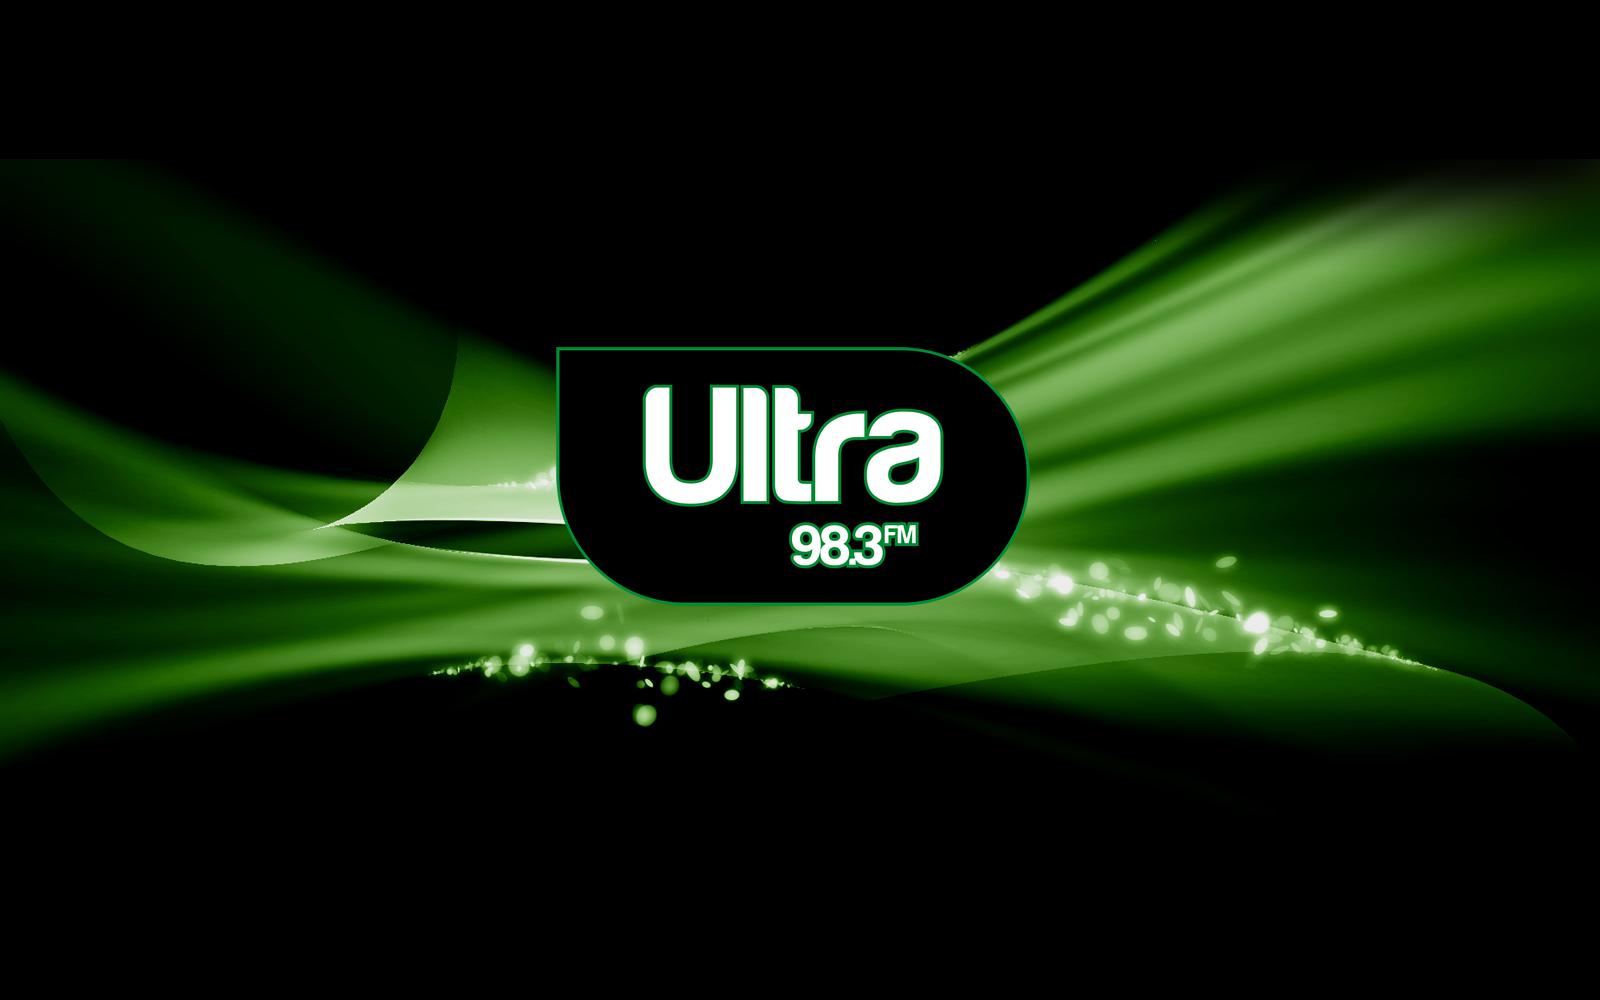 Ultra FM 98.3 live